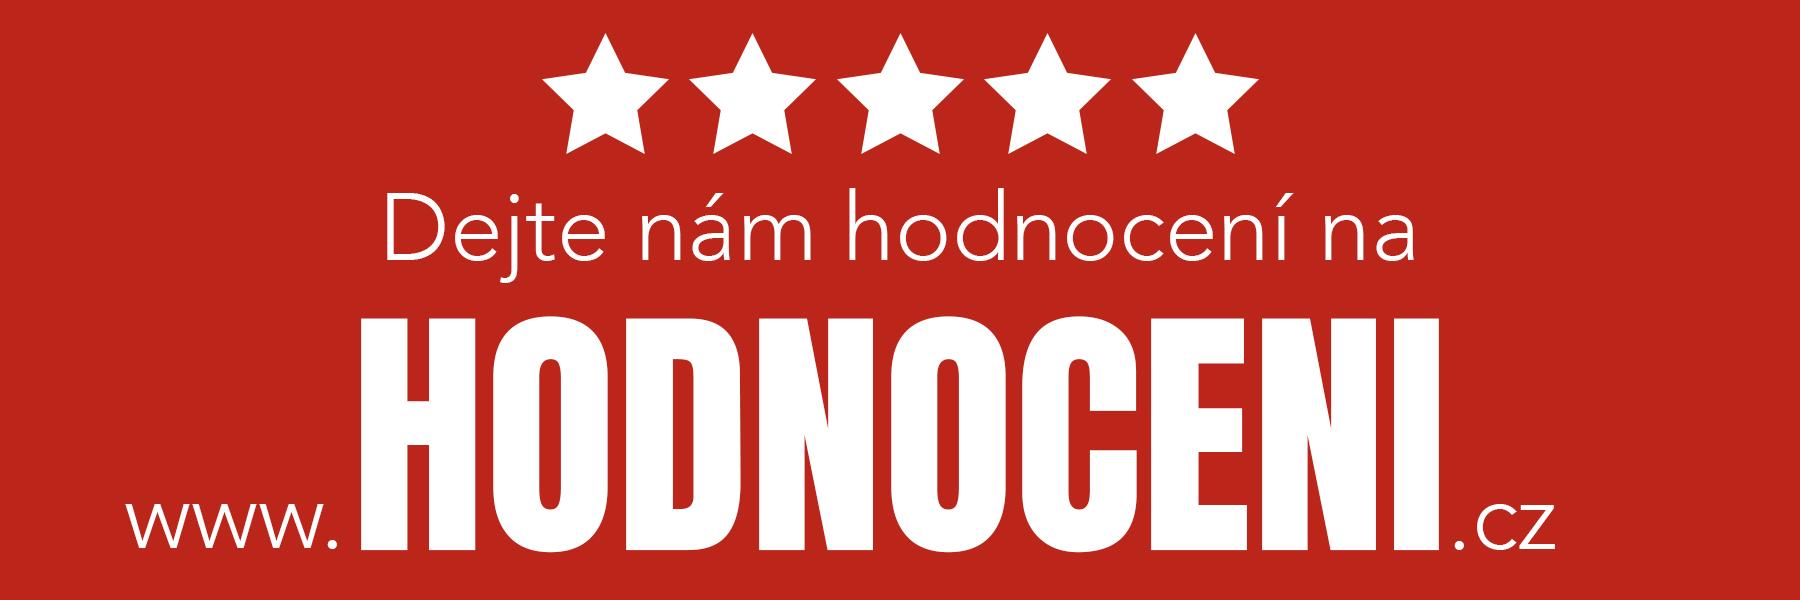 Hodnocení.cz - Hodncoení a recenze